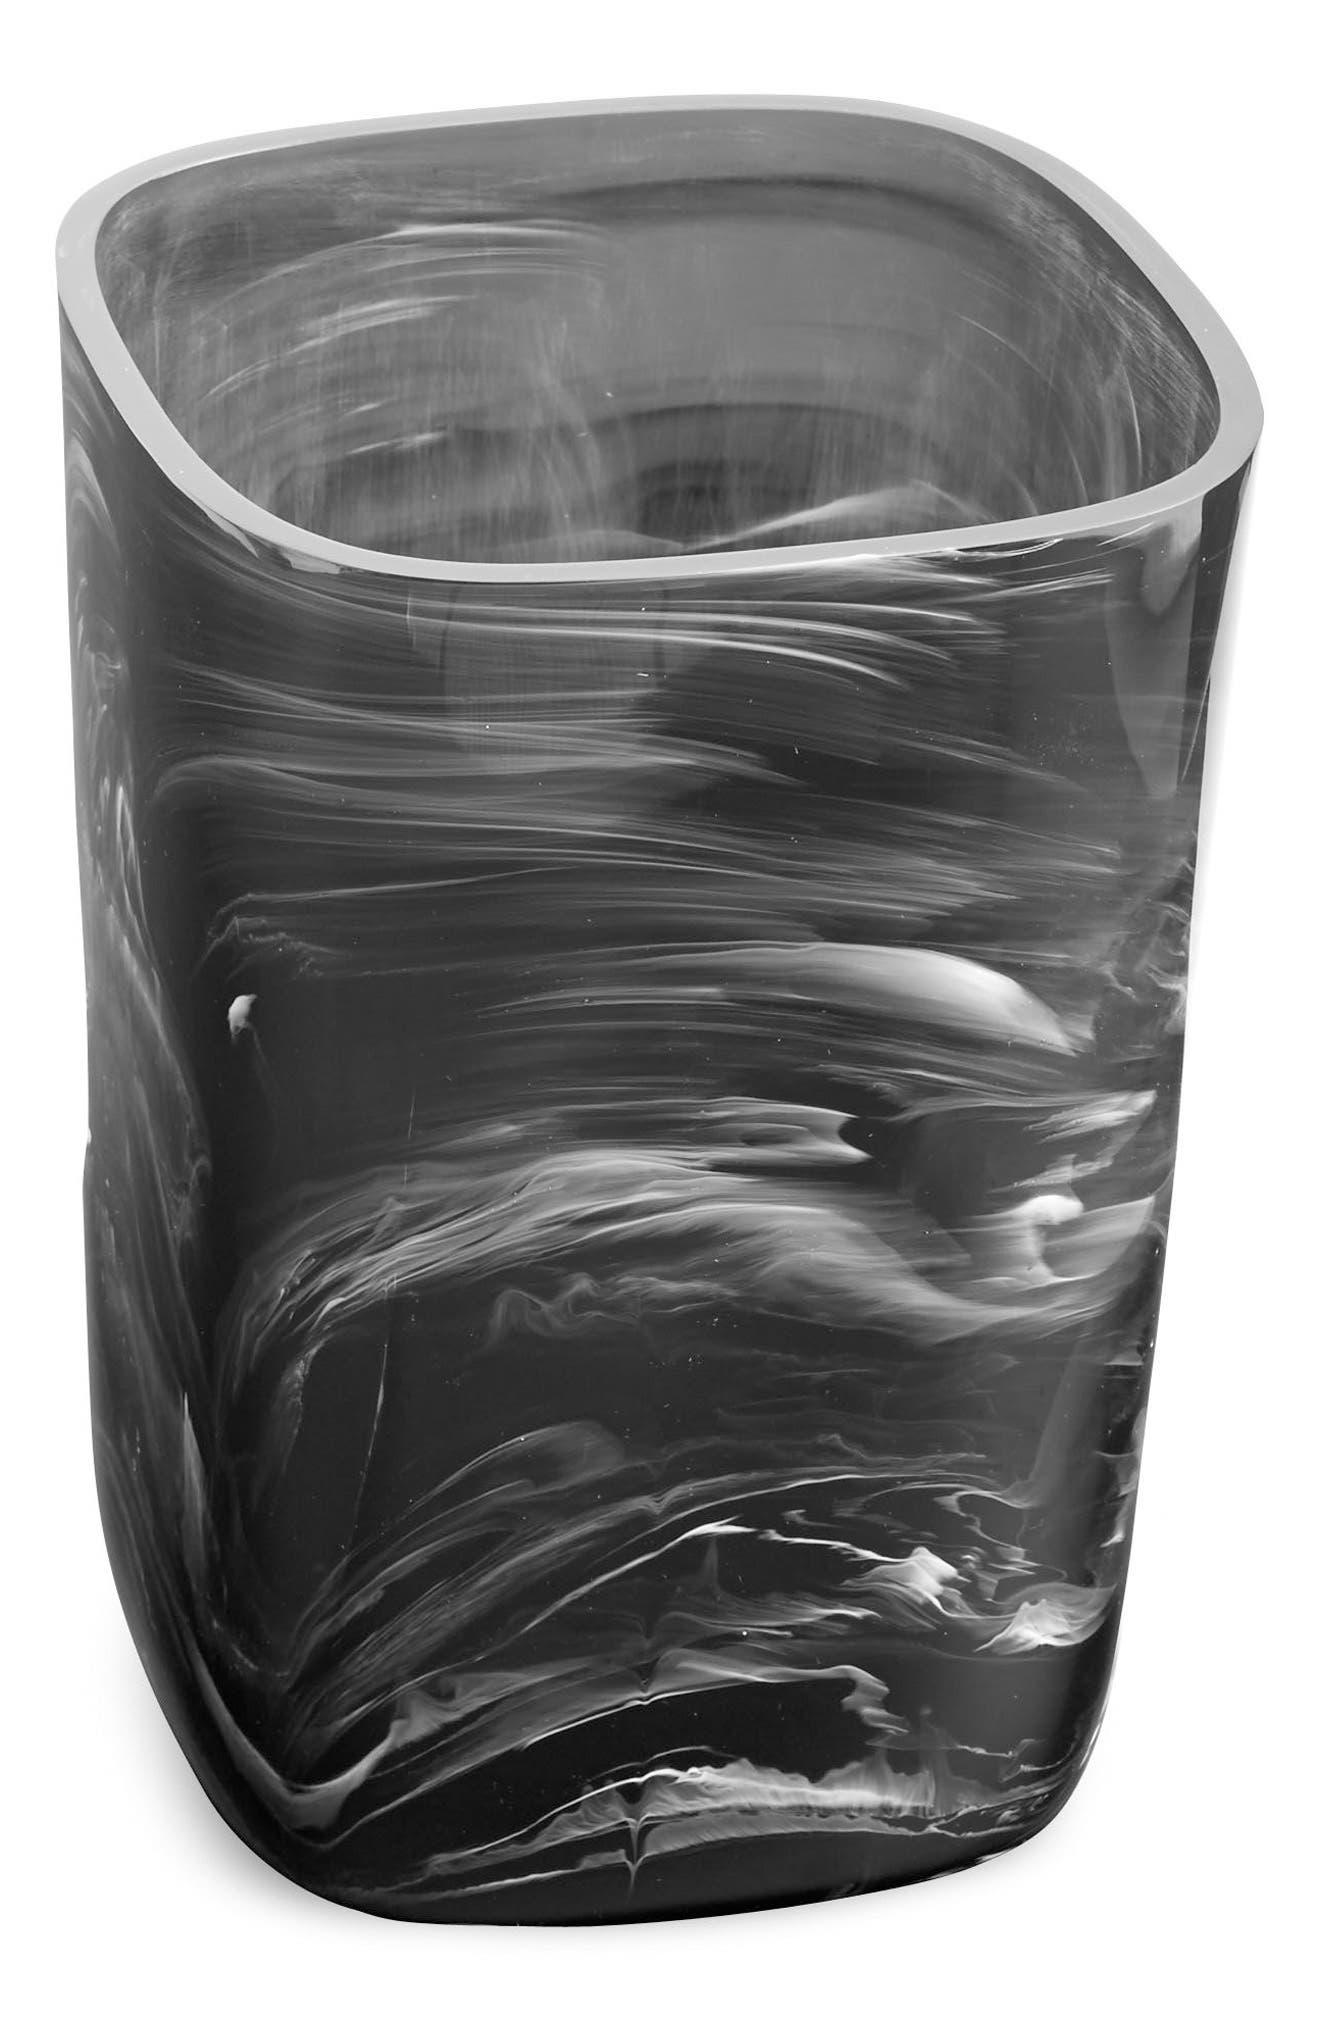 Paradigm Trends Murano Wastebasket